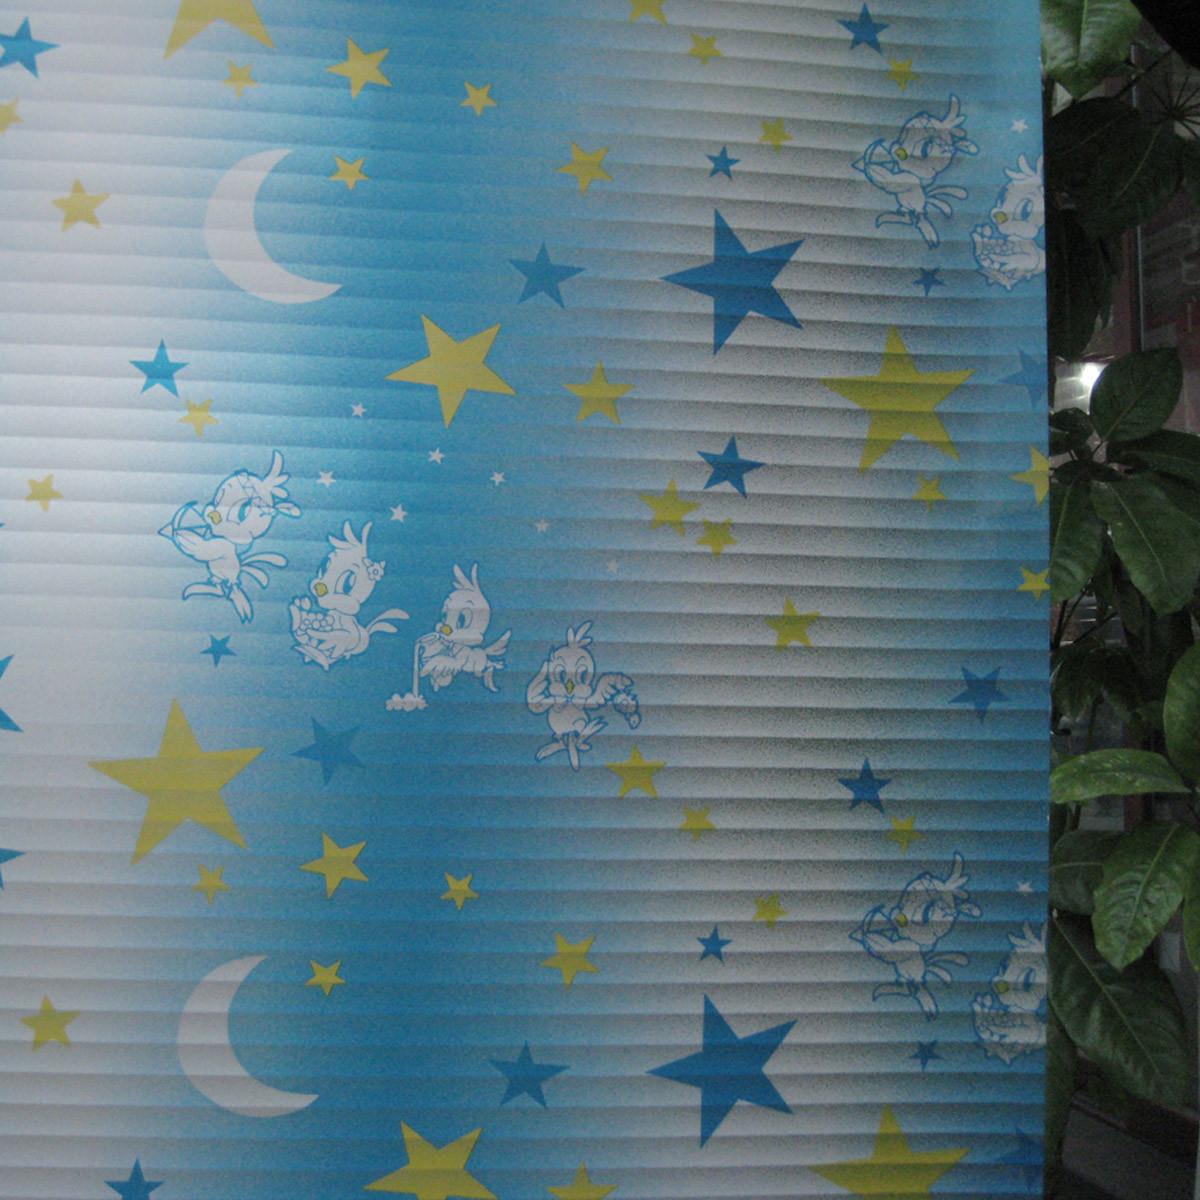 鸿轩 星星月亮(百叶纹)风景 玻璃贴膜